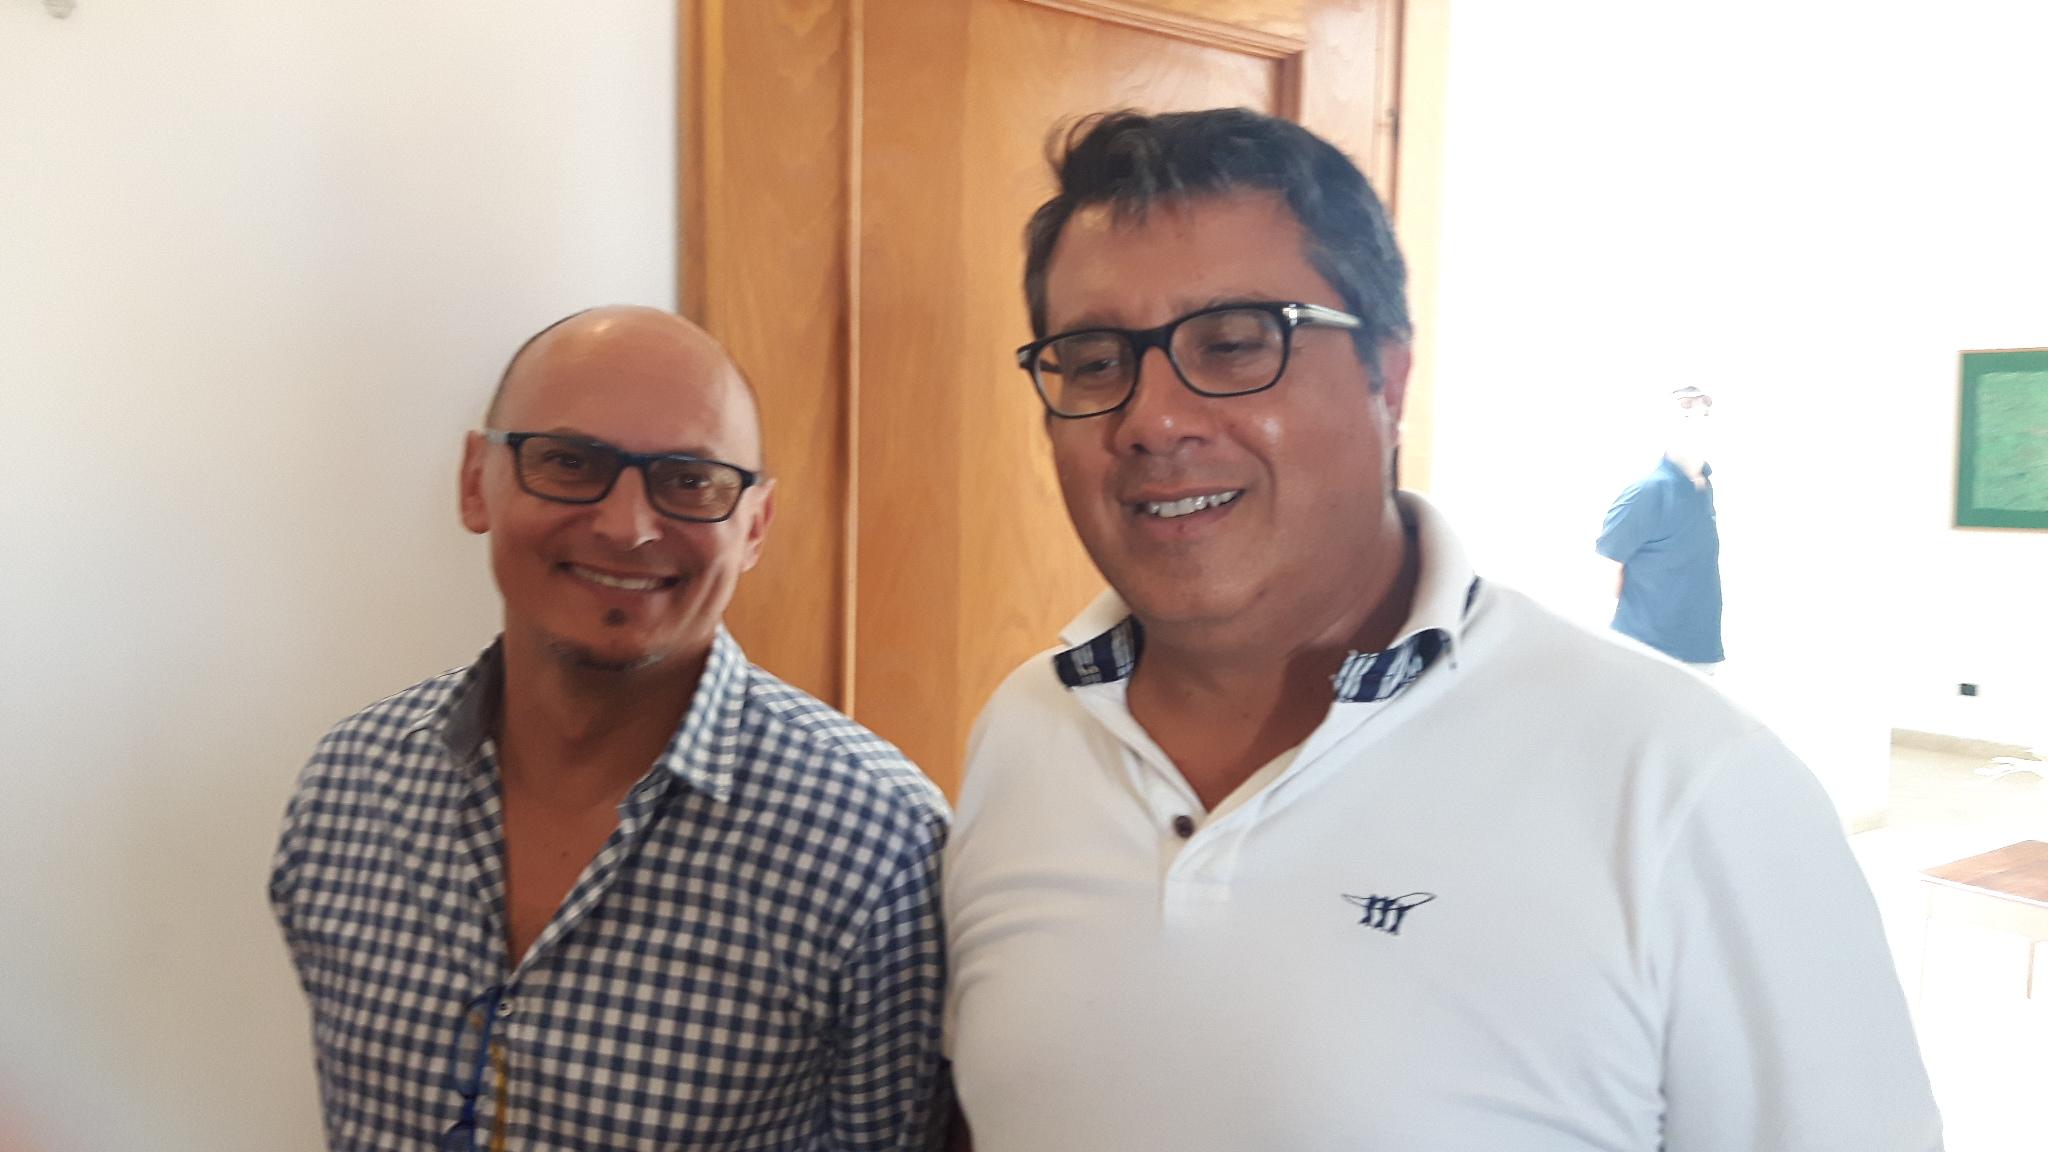 L'Ing. Fabio Tuttolomondo, probabile Rup dell'opera con il Segretario Cristofaro Ricupati